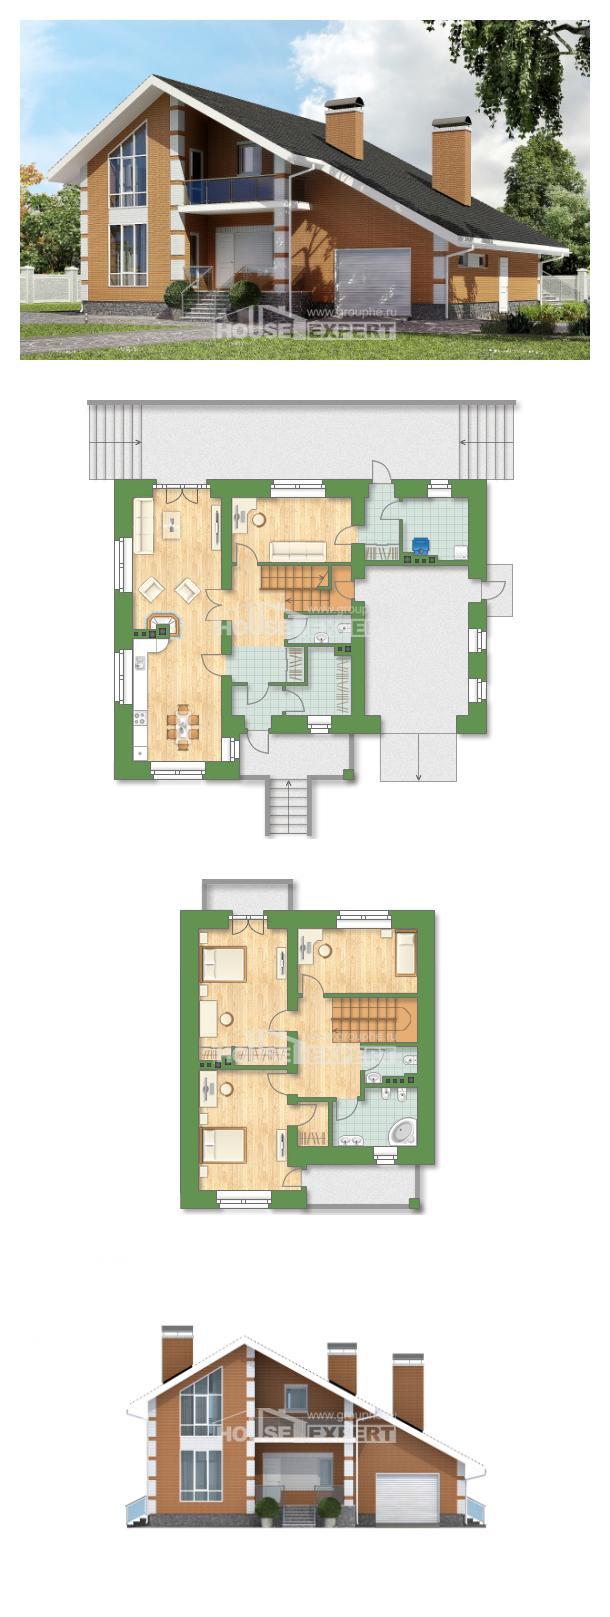 Plan 190-006-R | House Expert